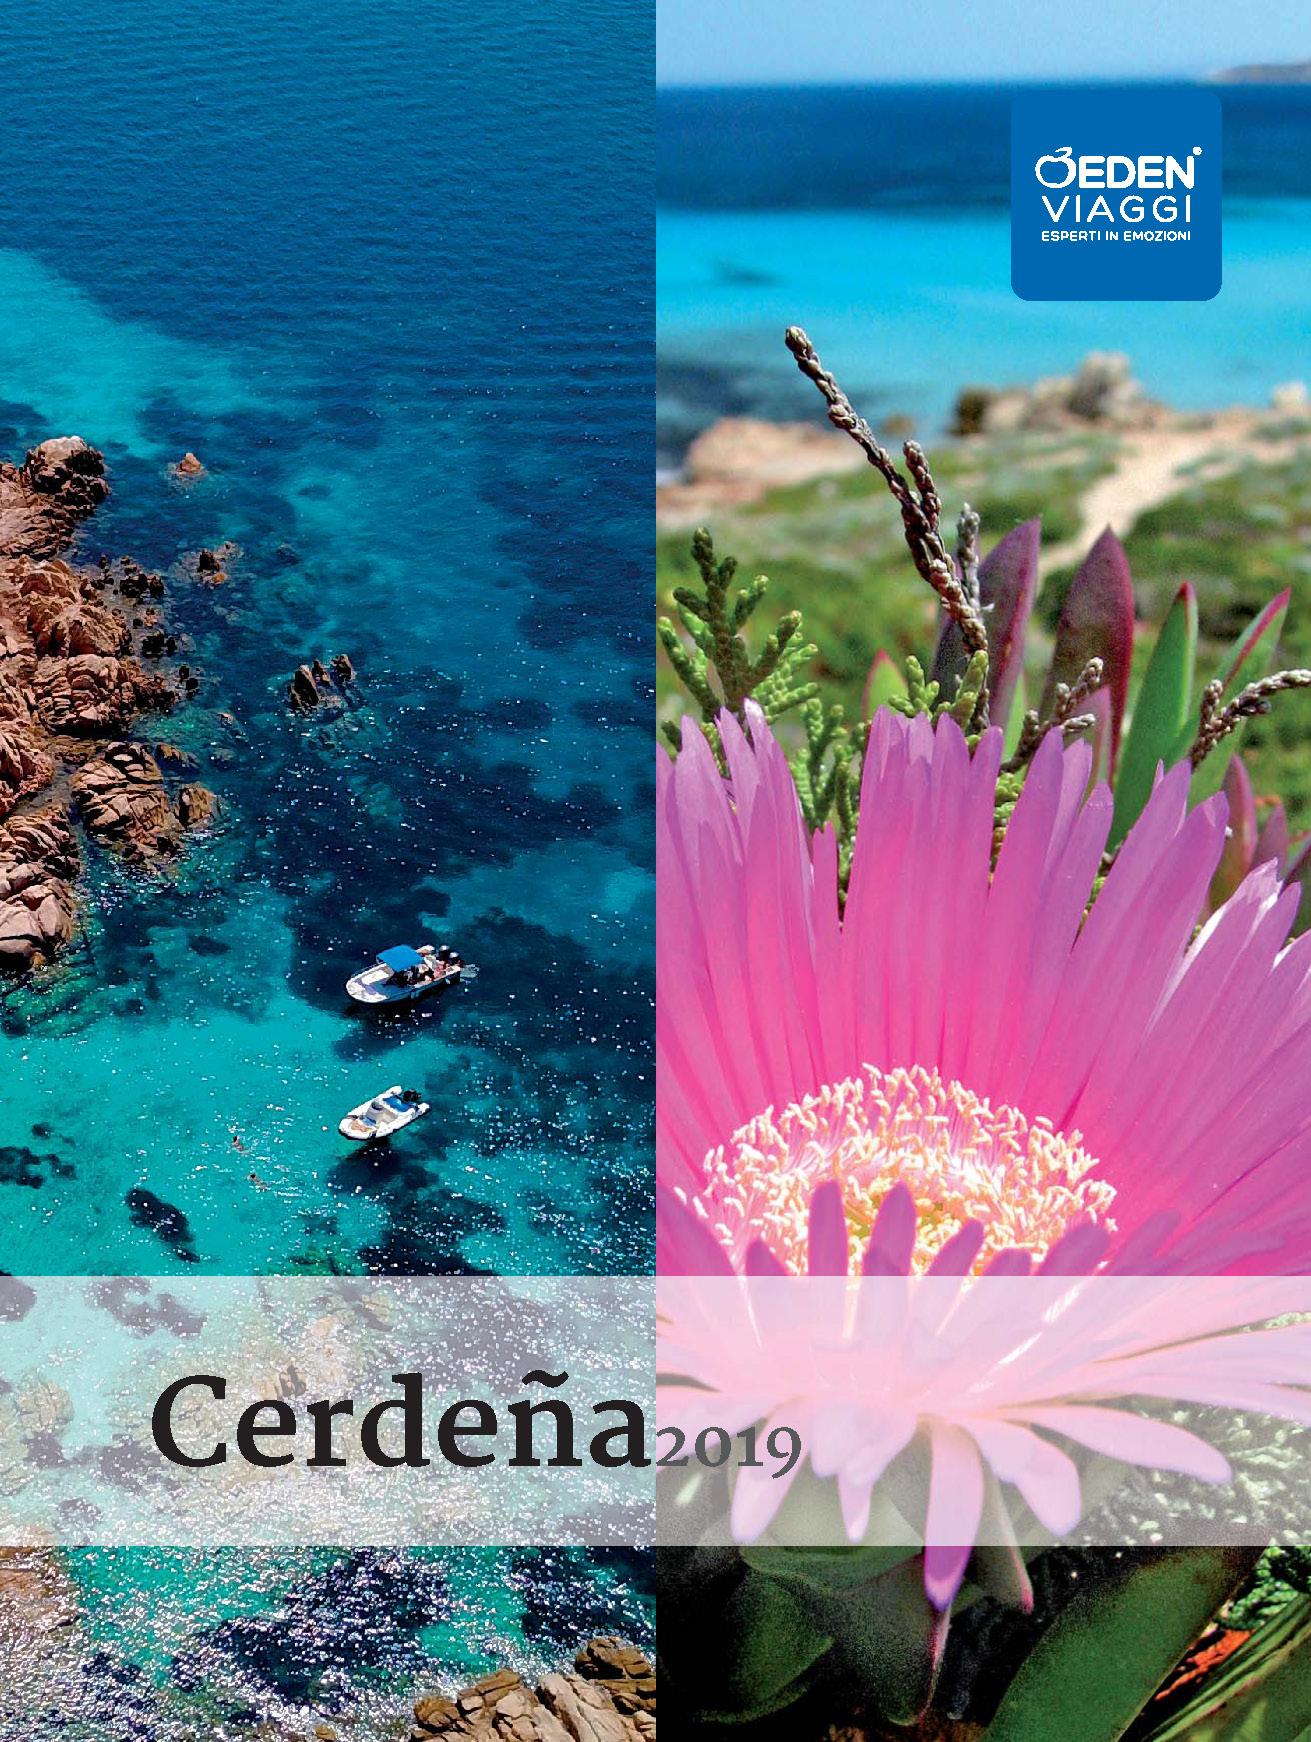 Catalogo Eden Viaggi Cerdeña 2019